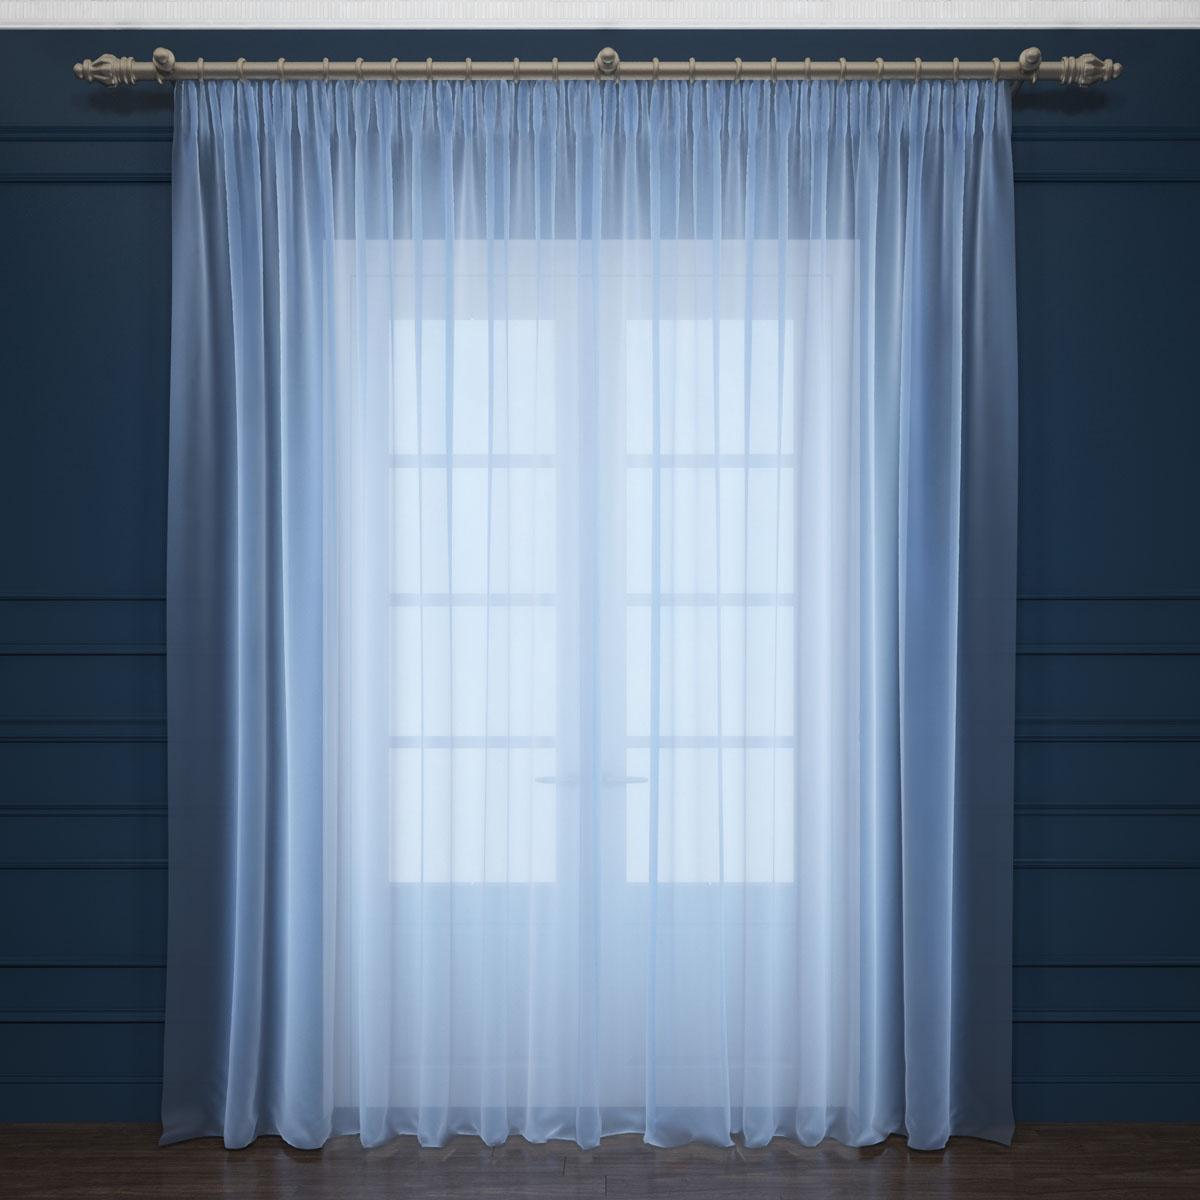 Тюль Сирень, на ленте, цвет: голубой, высота 260 смK100Тюль Сирень из легкой парящей ткани - вуали - благодаря своей прозрачности позволяет создать в комнате уютную атмосферу, отлично дополняет украшение любого окна. Ткань хорошо держит форму, не требует специального ухода. Крепление на карниз при помощи шторной ленты на крючки.Рекомендации по уходу: стирка при 30 градусах, гладить при температуре до 110 градусов.Изображение на мониторе может немного отличаться от реального.